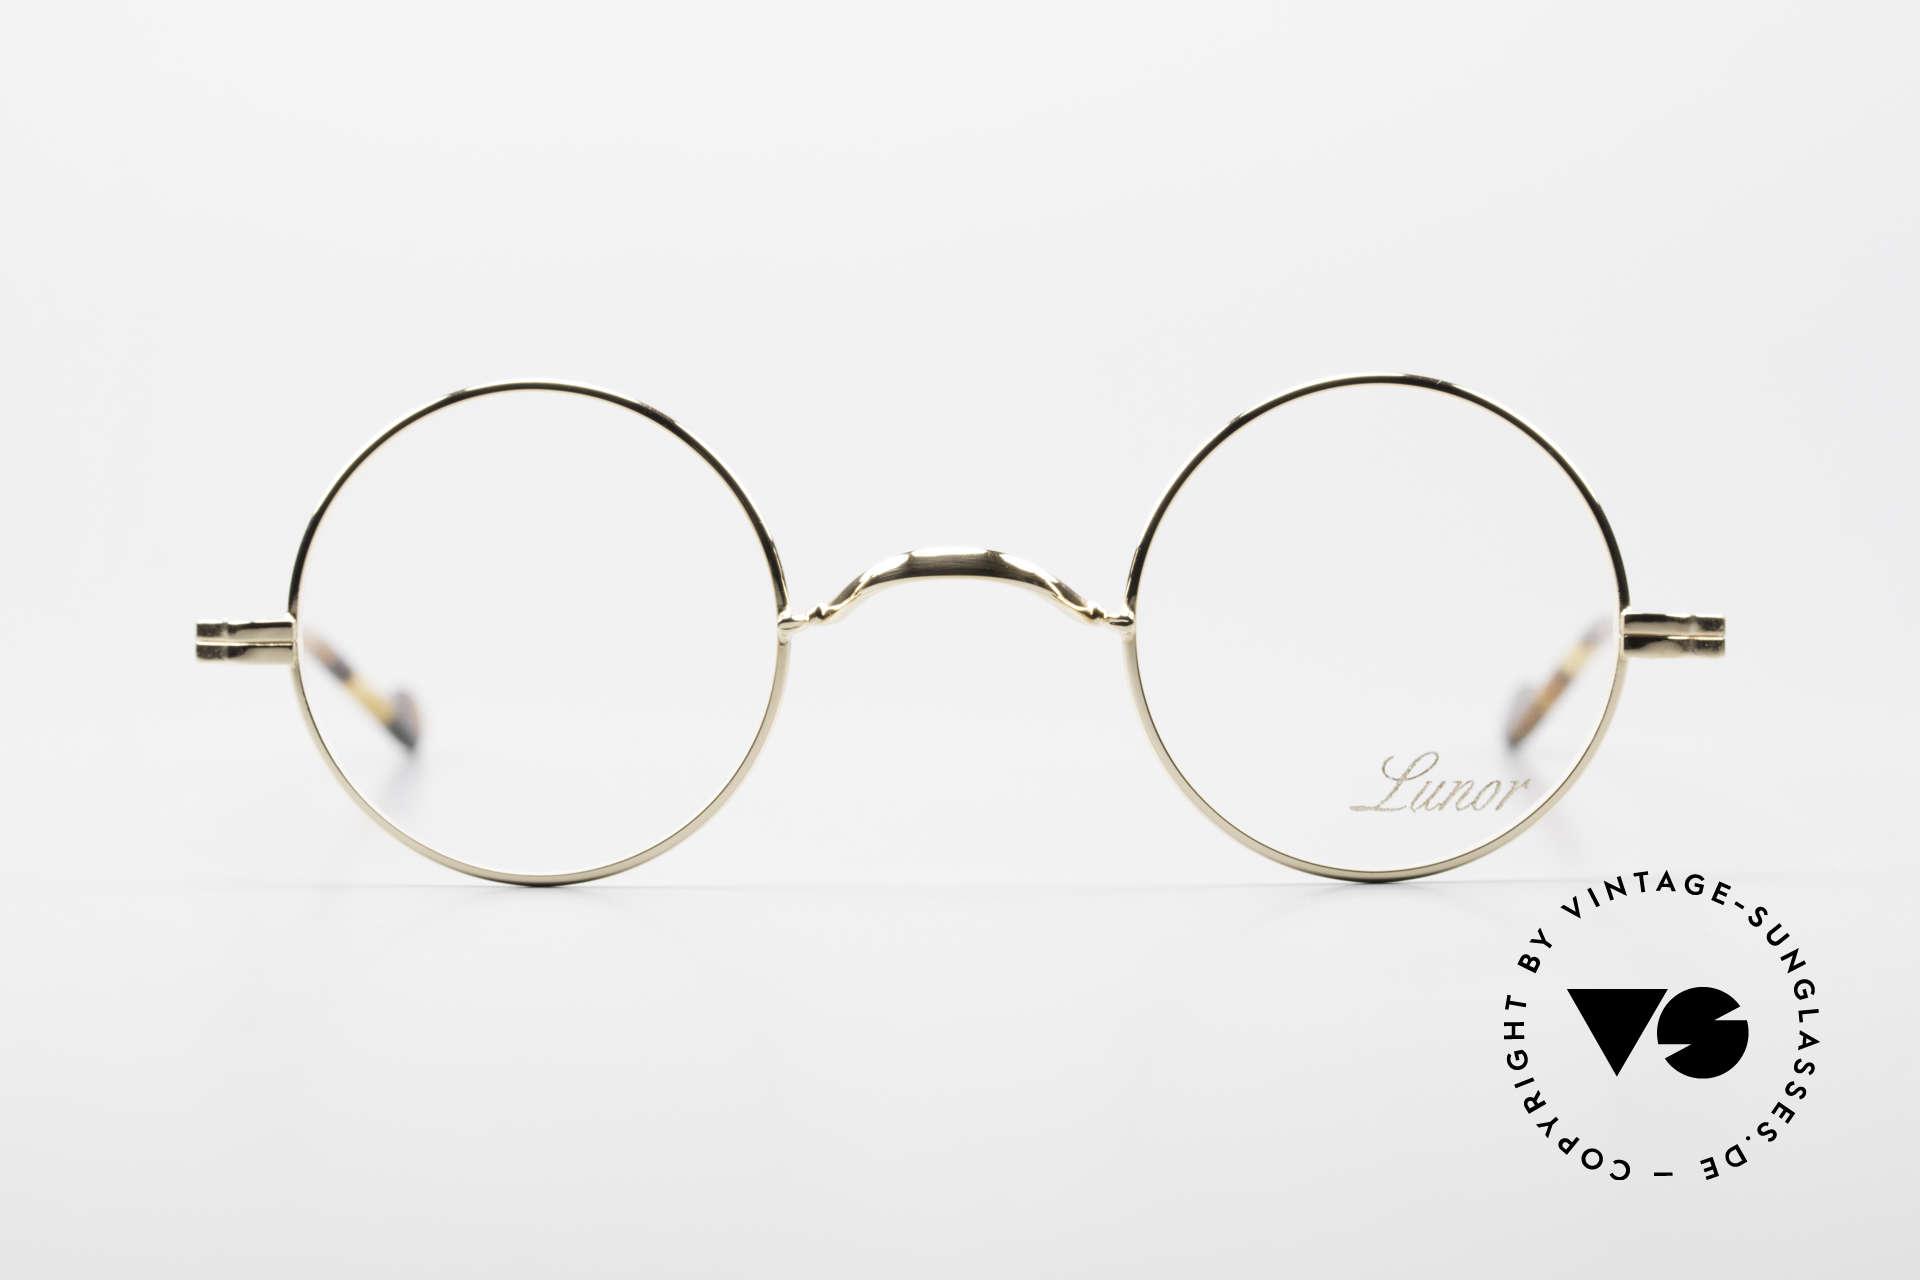 Lunor II A 12 Runde Brille 22kt Vergoldet, edle Kombination: Metallfassung mit Acetatbügeln, Passend für Herren und Damen